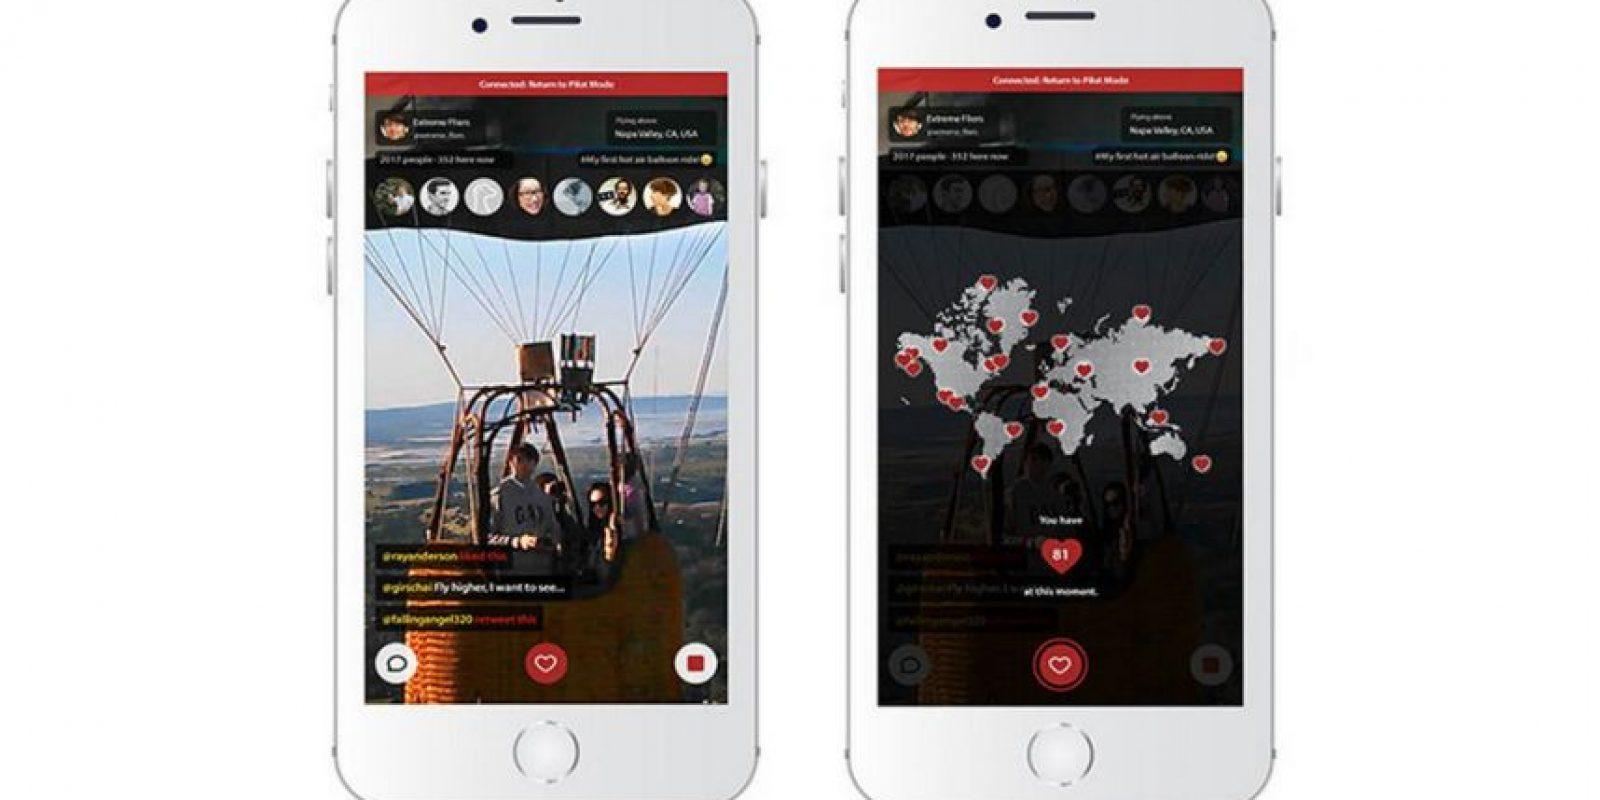 Y cuenta con una aplicación estilo red social para compartir fotos, video y comentarios con los usuarios Foto:Vernon Kerswell/Micro Drone 3.0